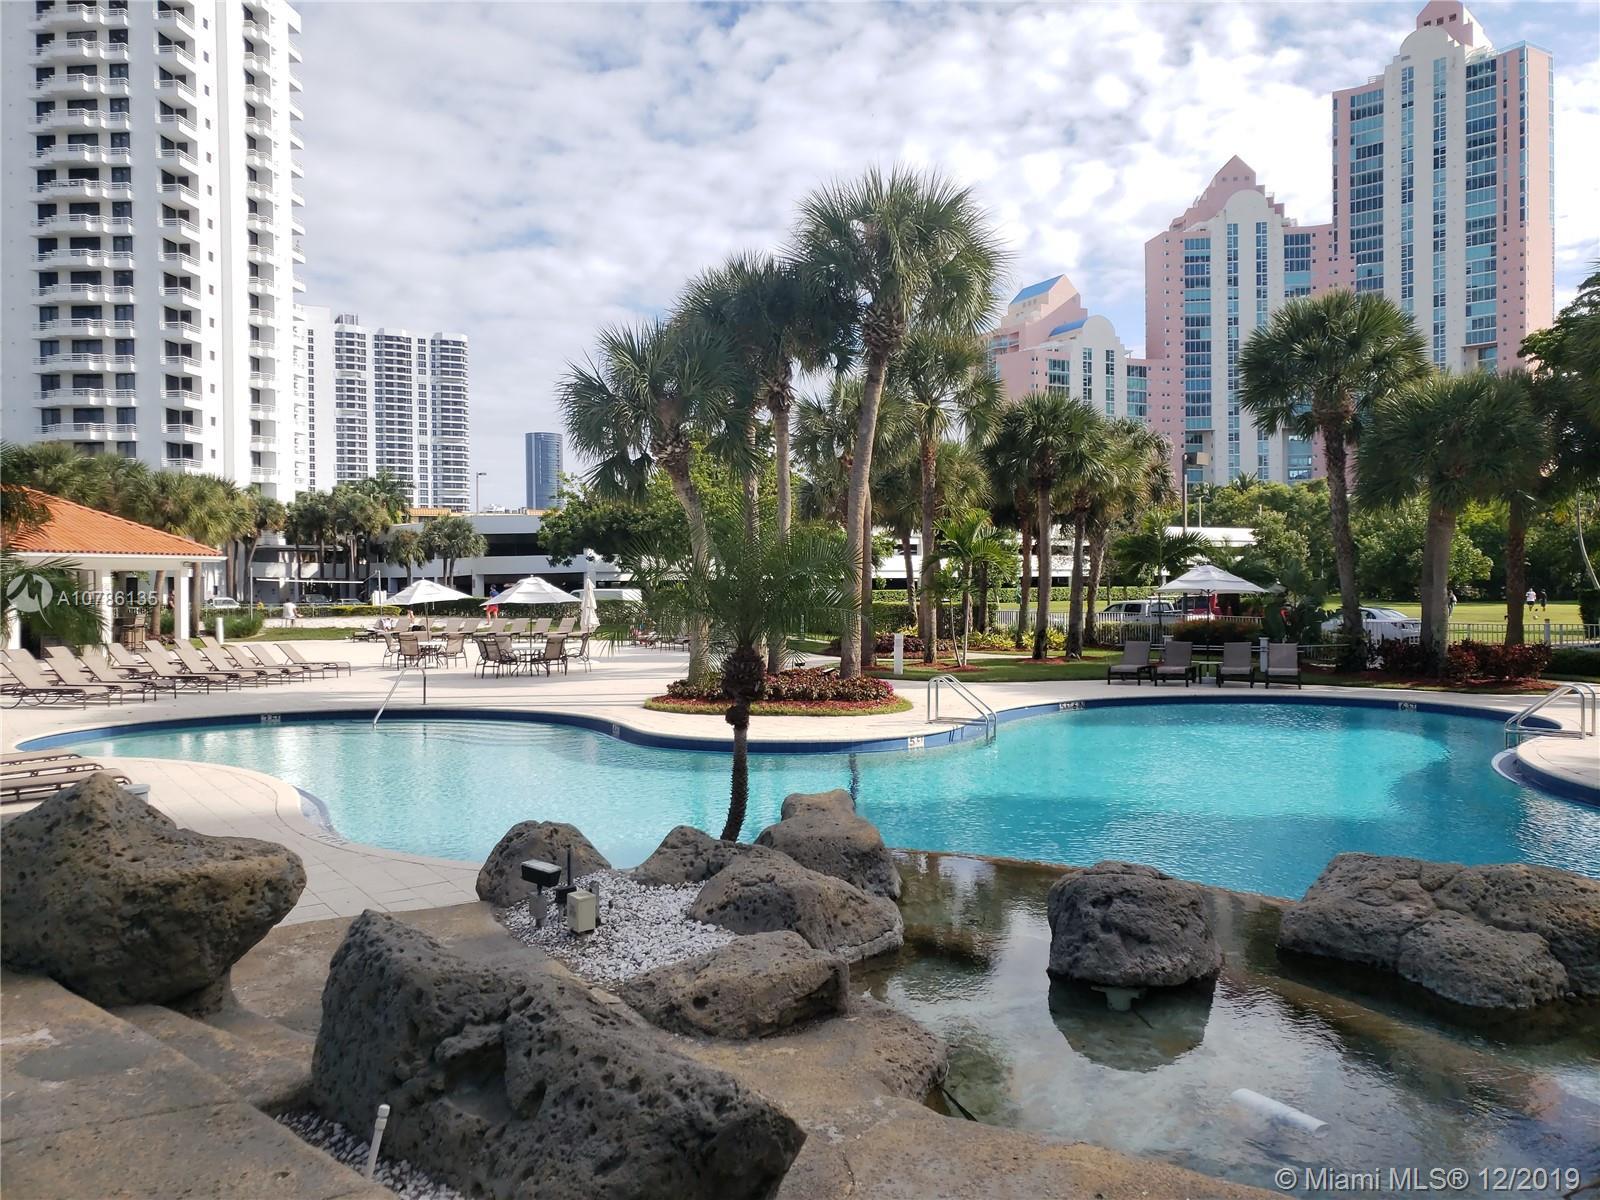 3300 NE 191st St #614, Aventura, FL 33180 - Aventura, FL real estate listing